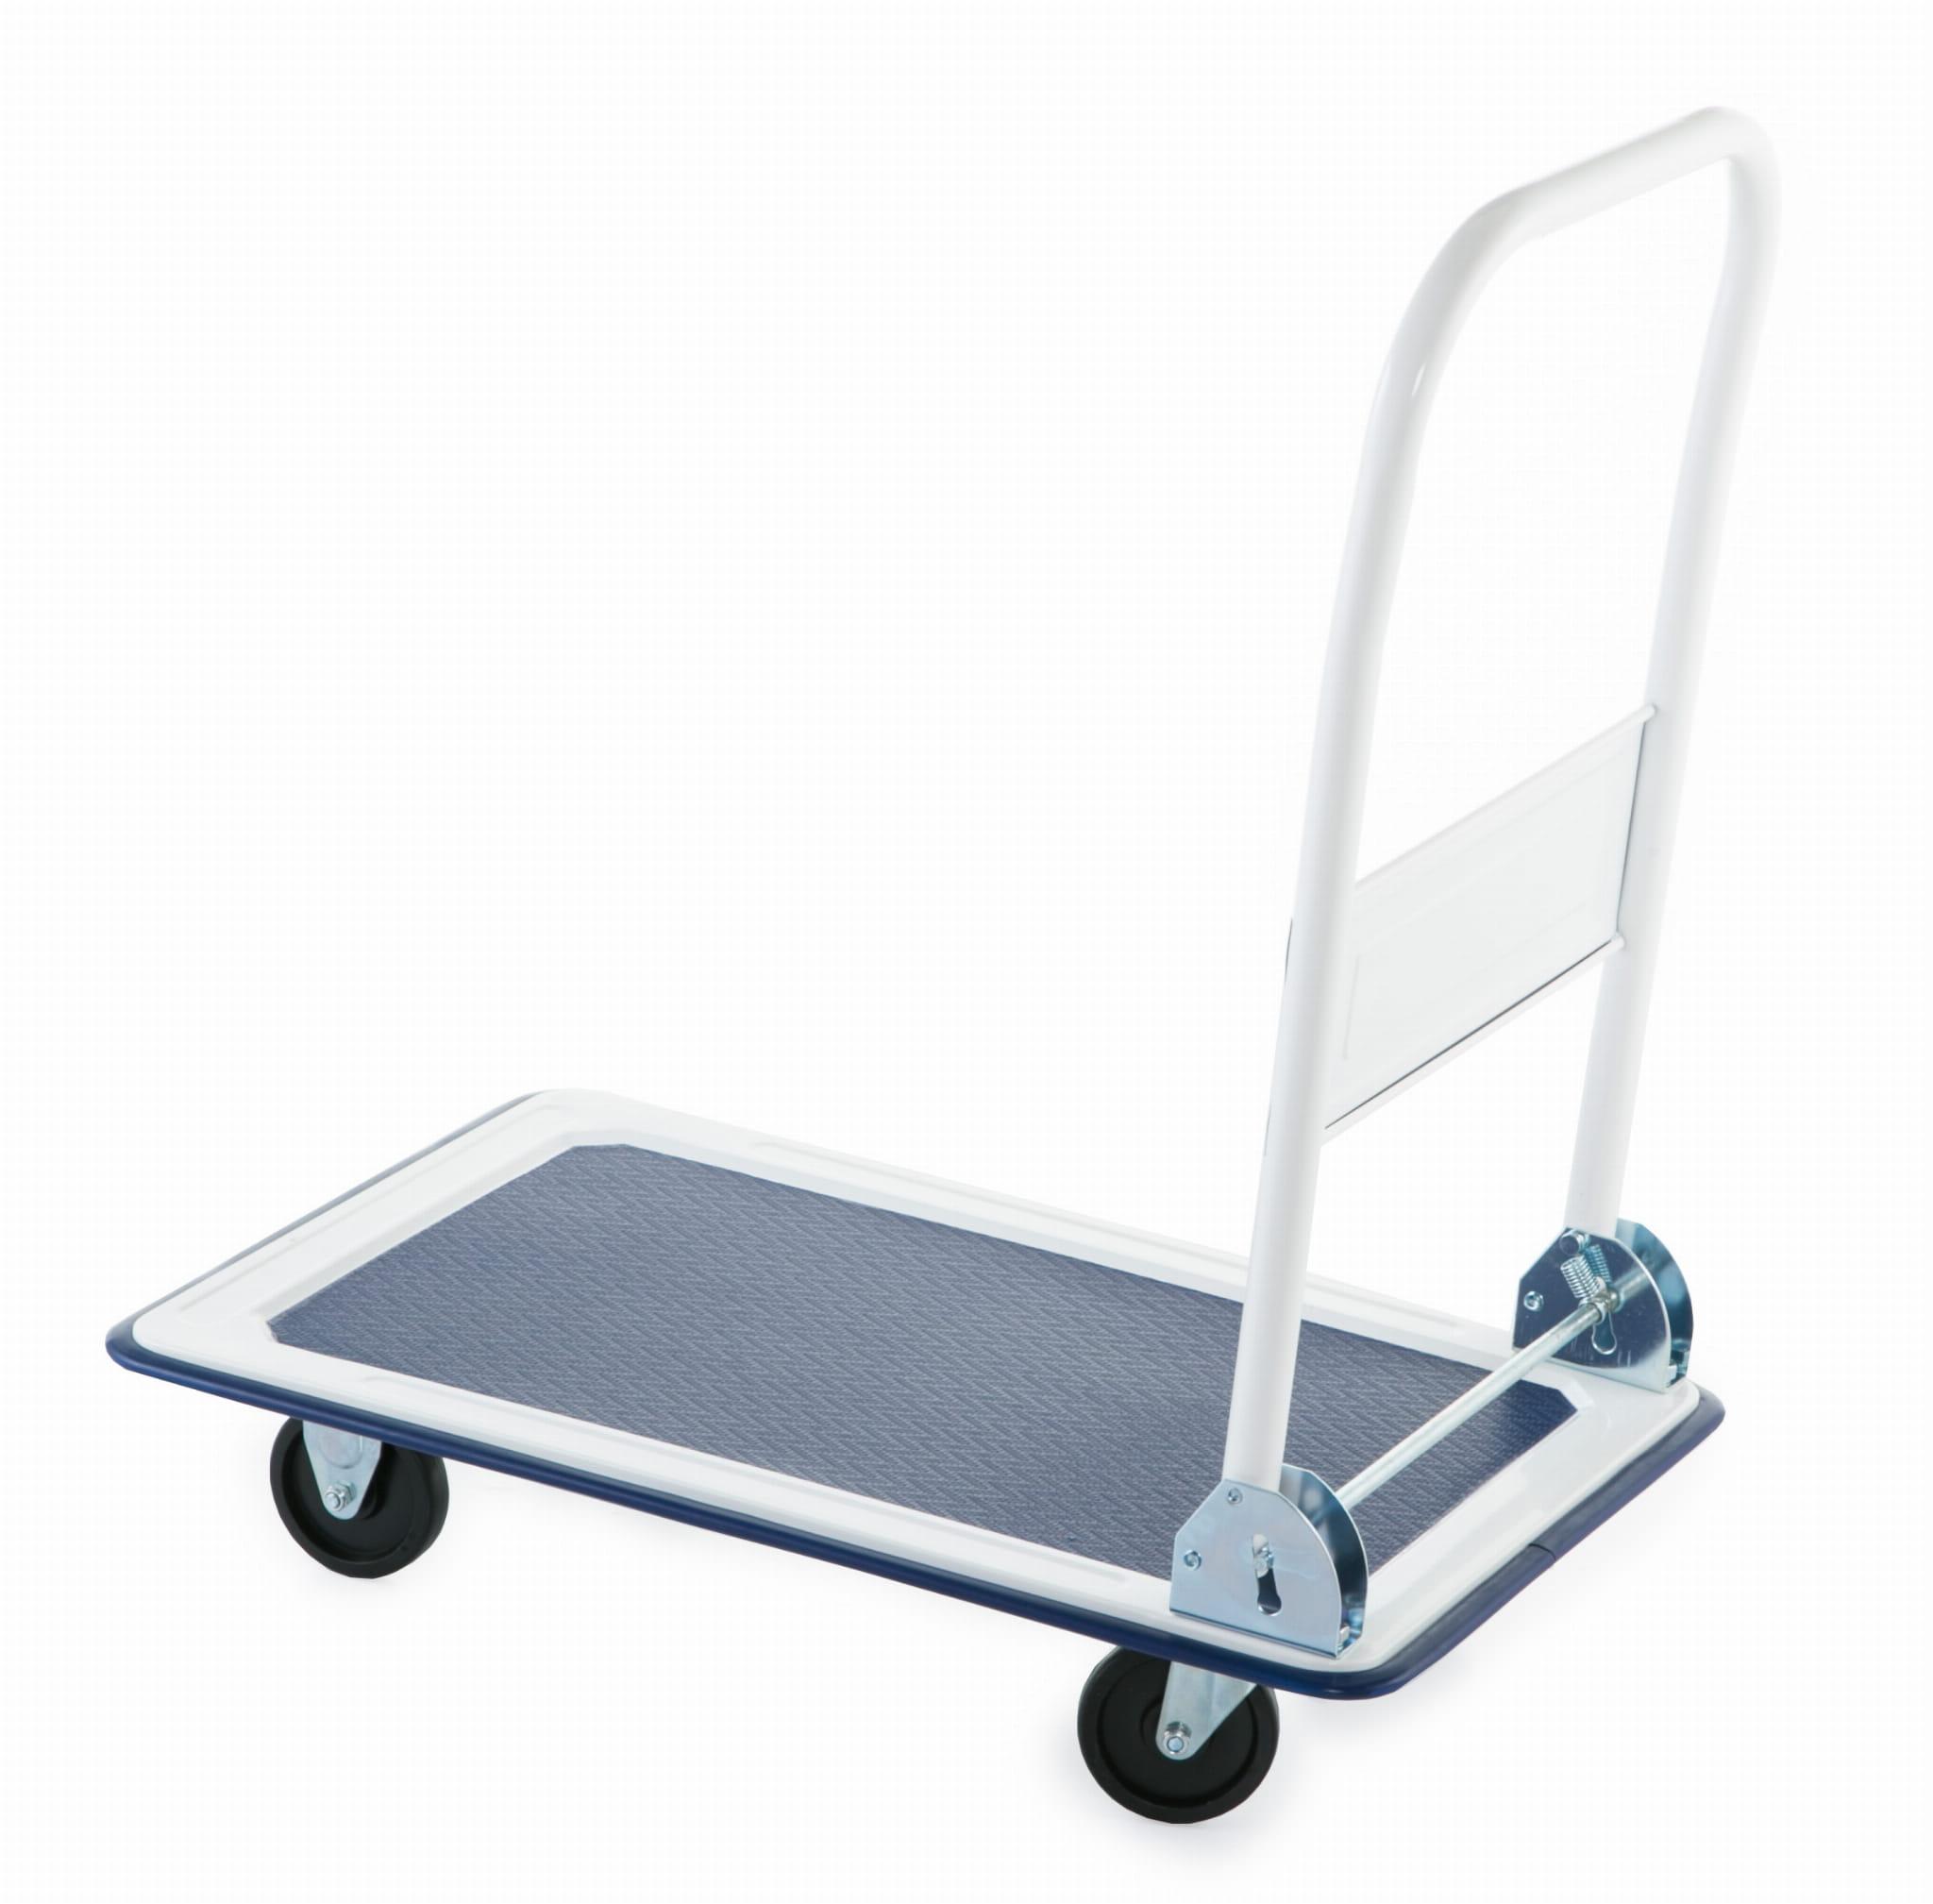 Wózek magazynowy platformowy HIGHER PL-PH150